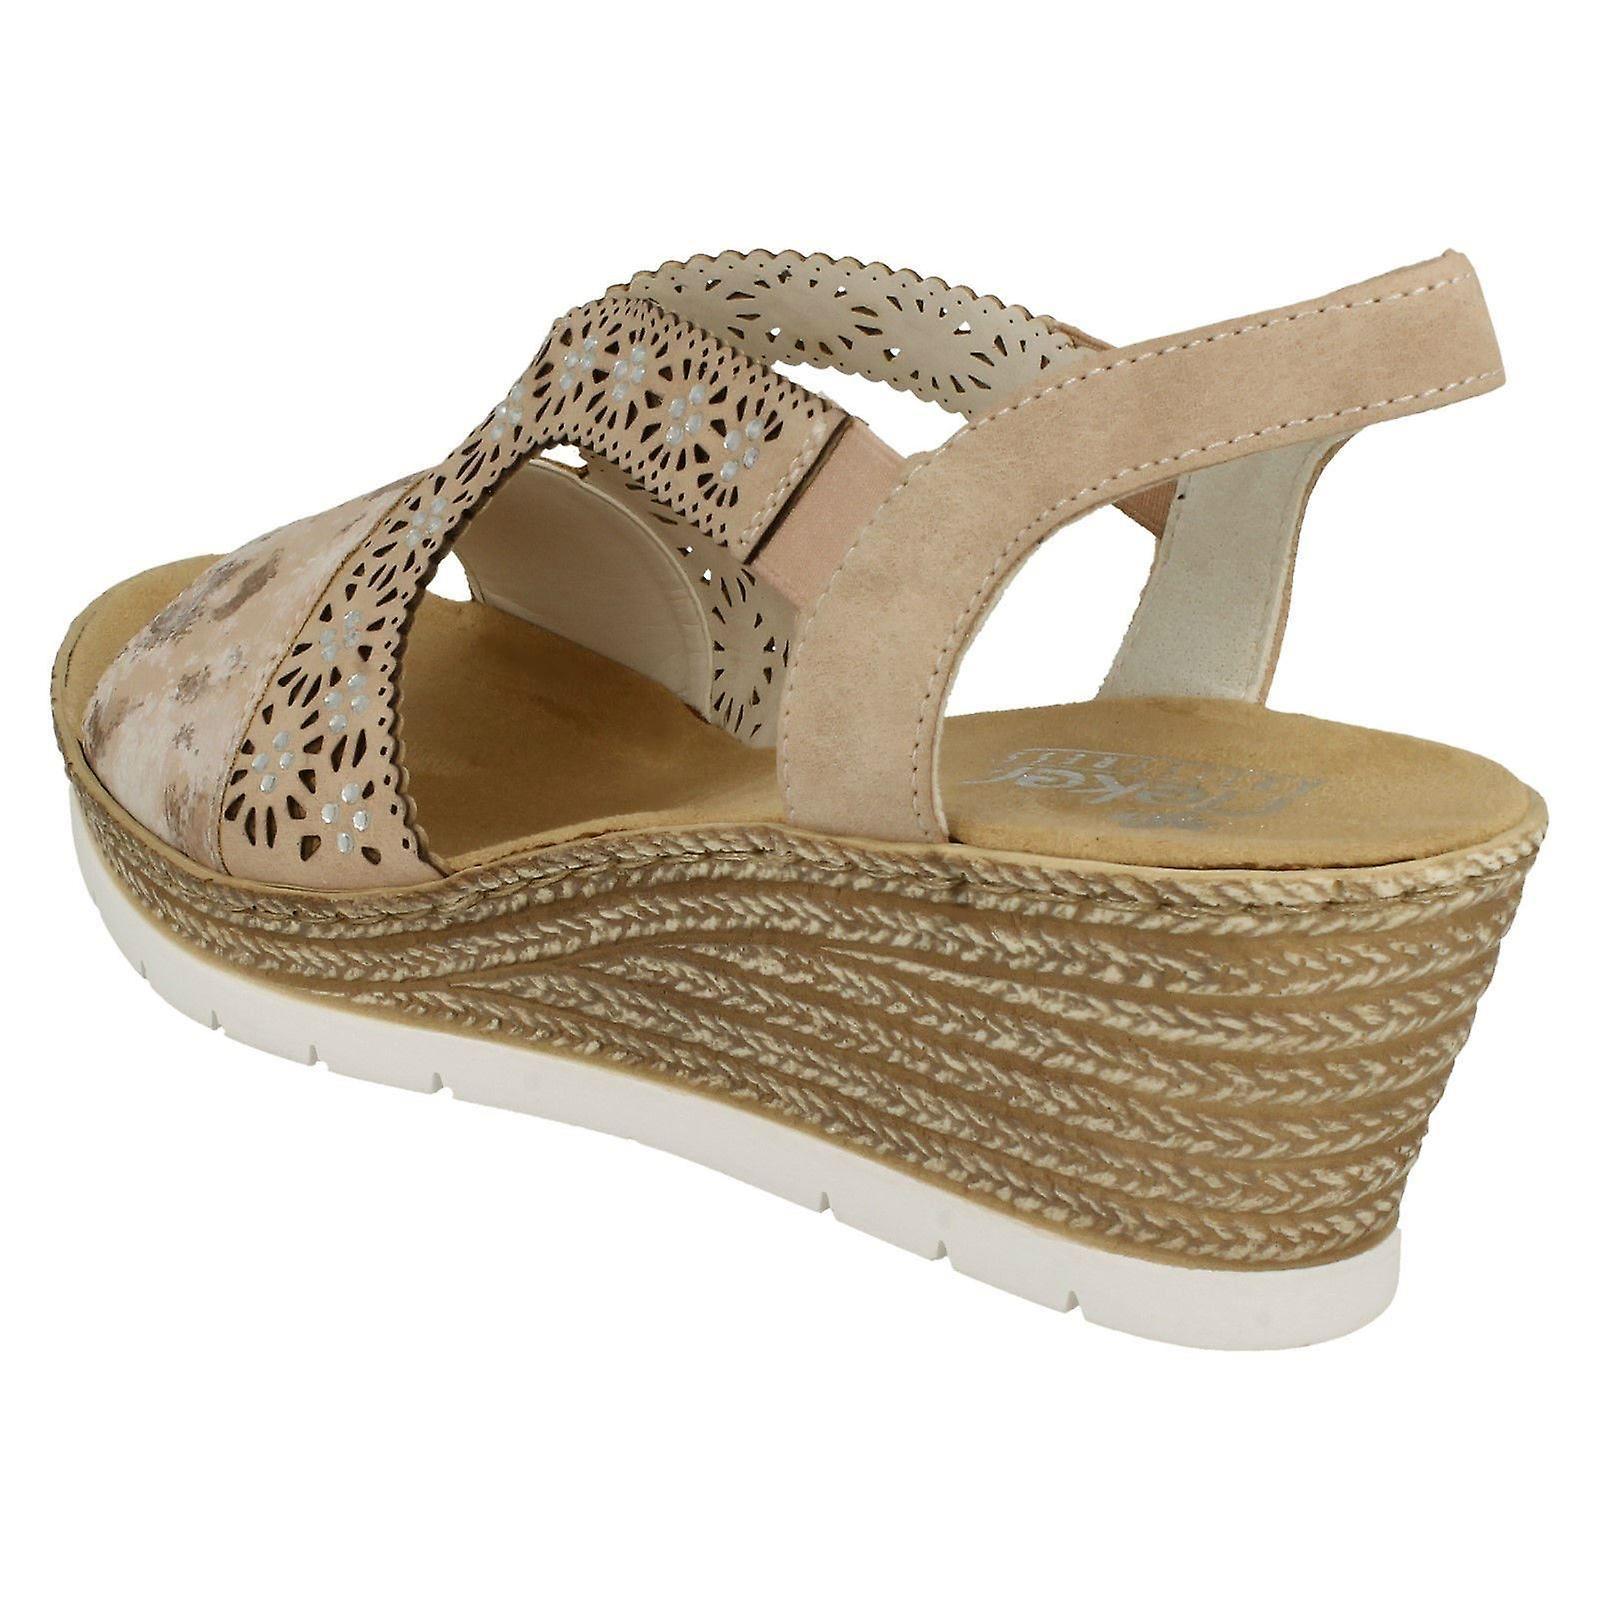 Sandales à talon Wedge Rieker Mesdames 61916